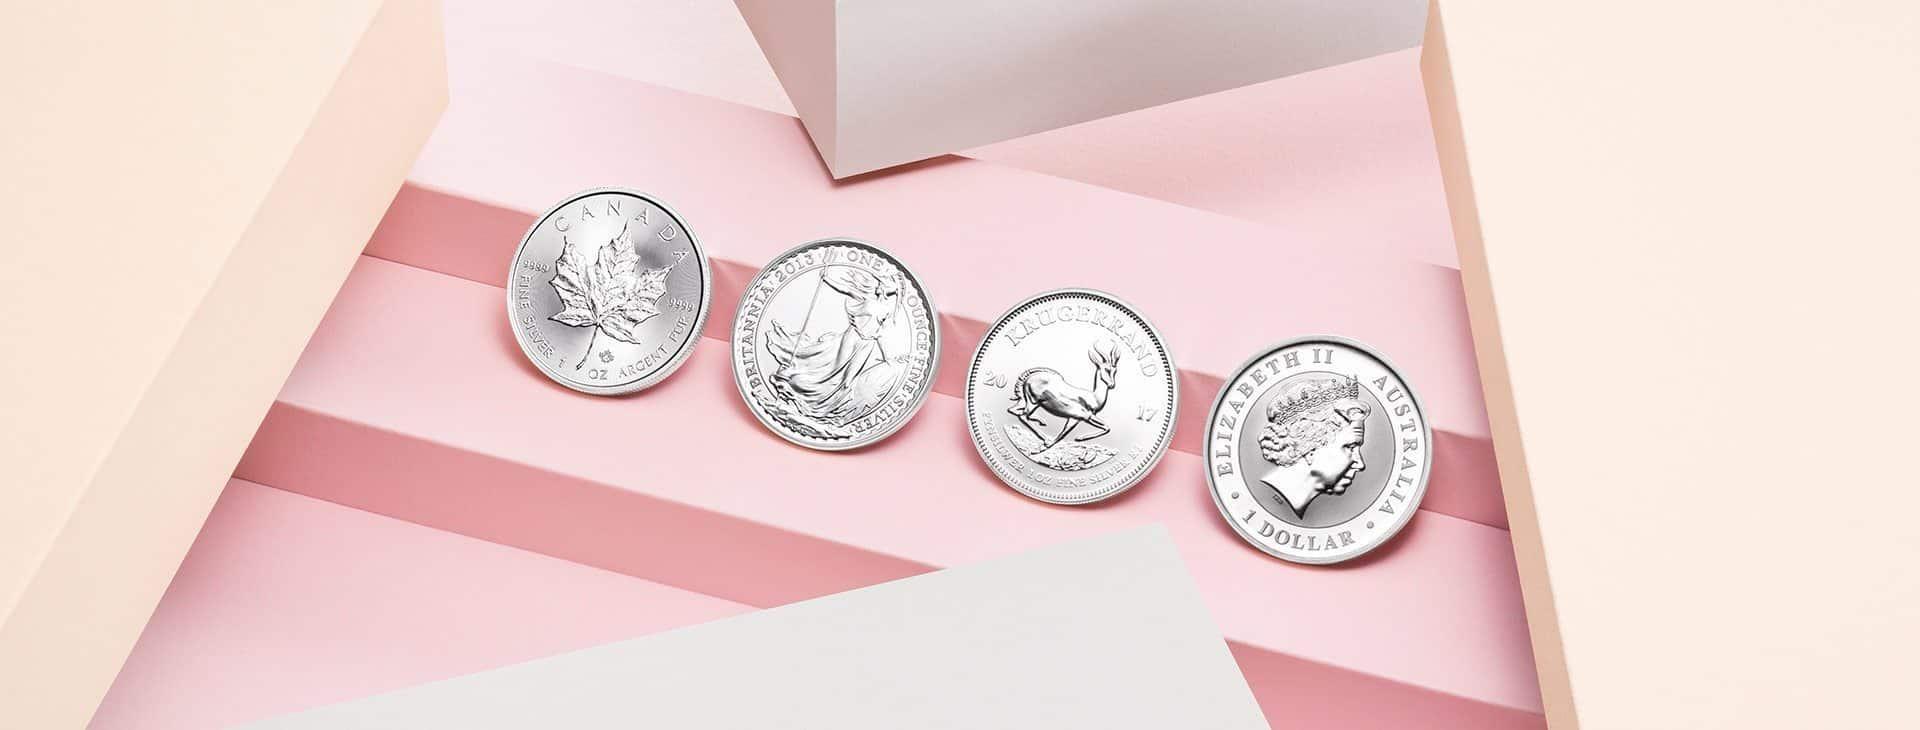 Maple Leaf Silbermünzen kaufen